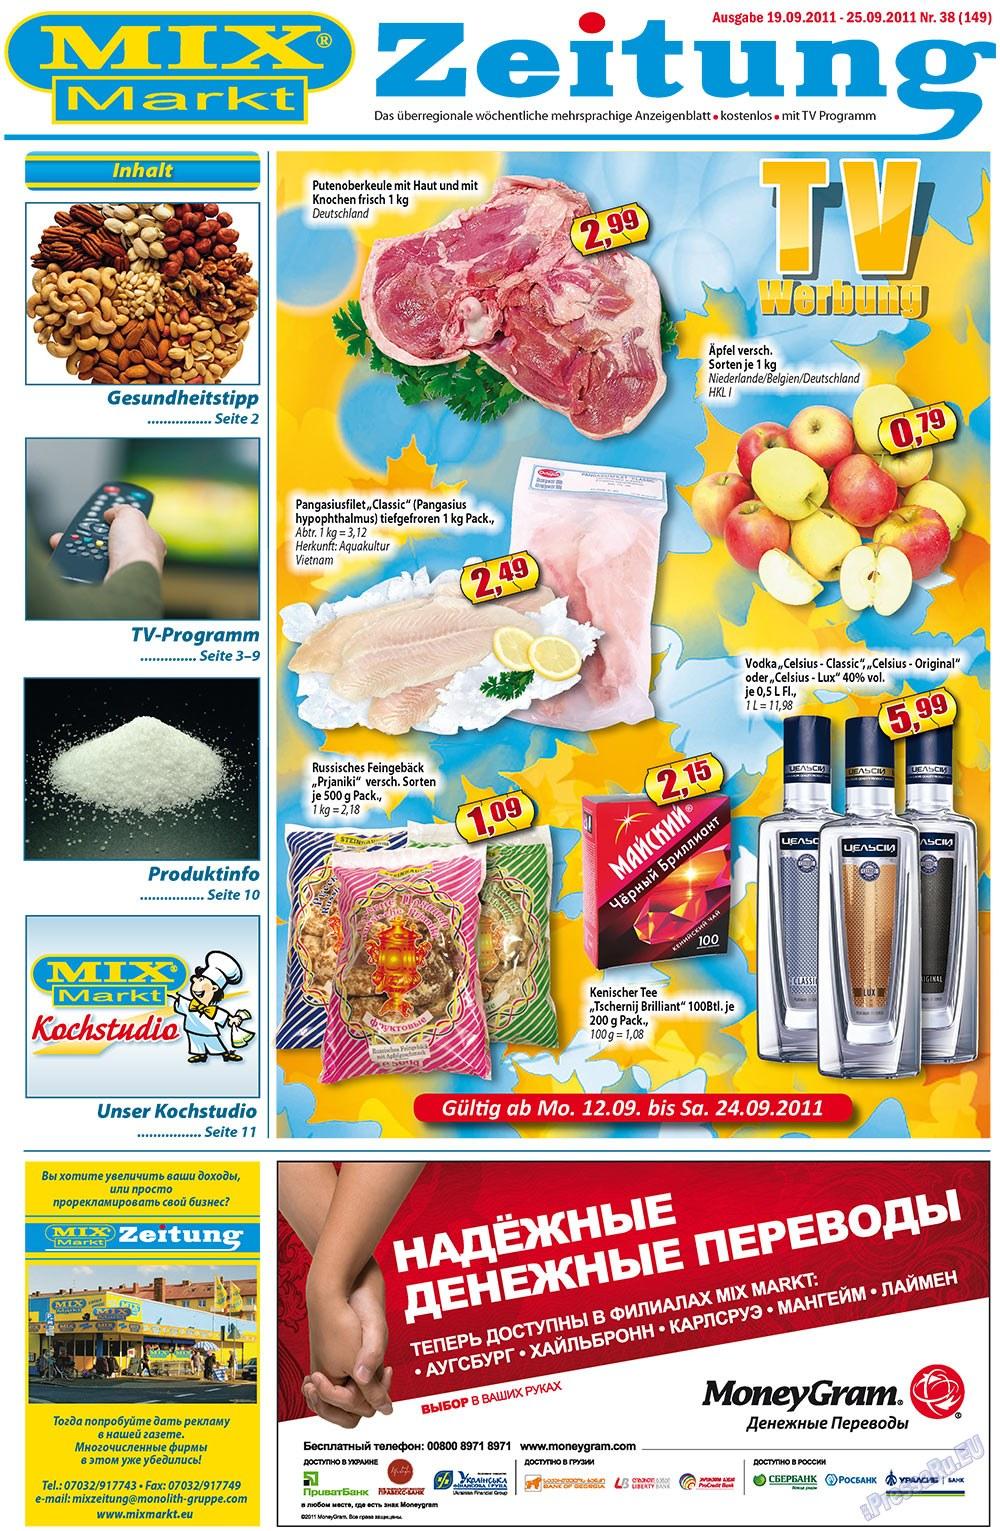 MIX-Markt Zeitung (газета). 2011 год, номер 38, стр. 1